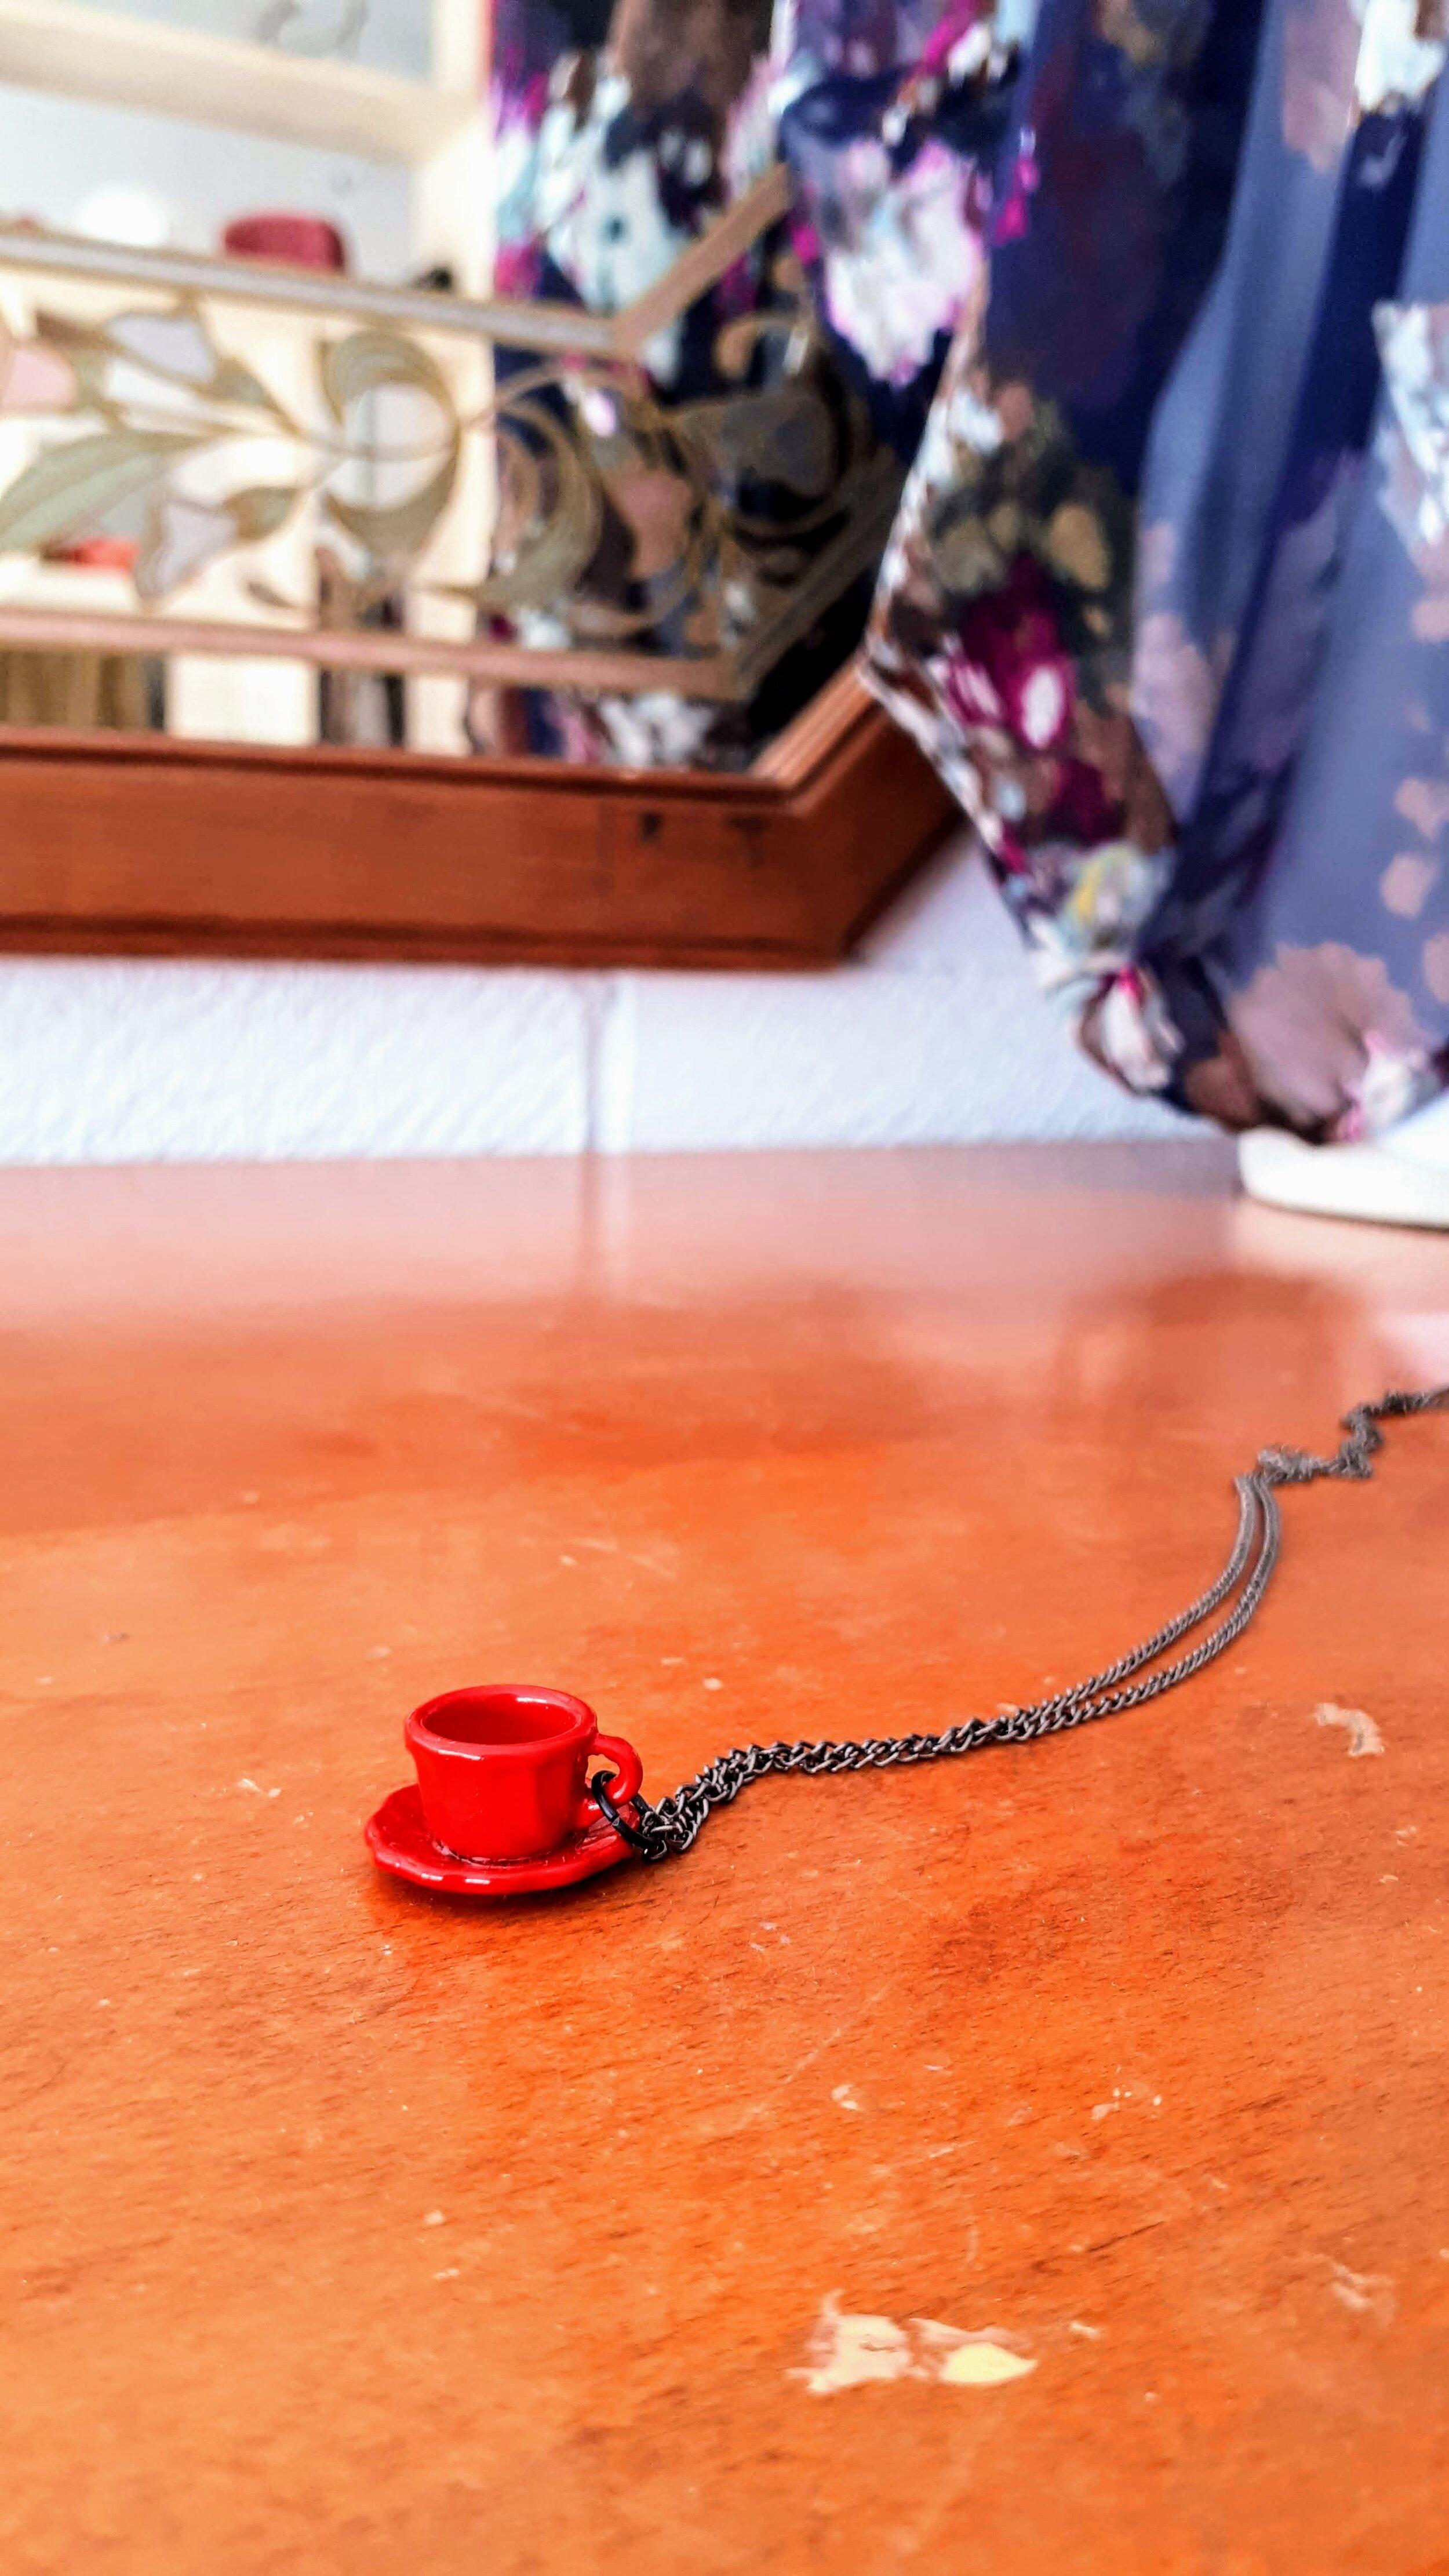 Tea cup necklace, $16